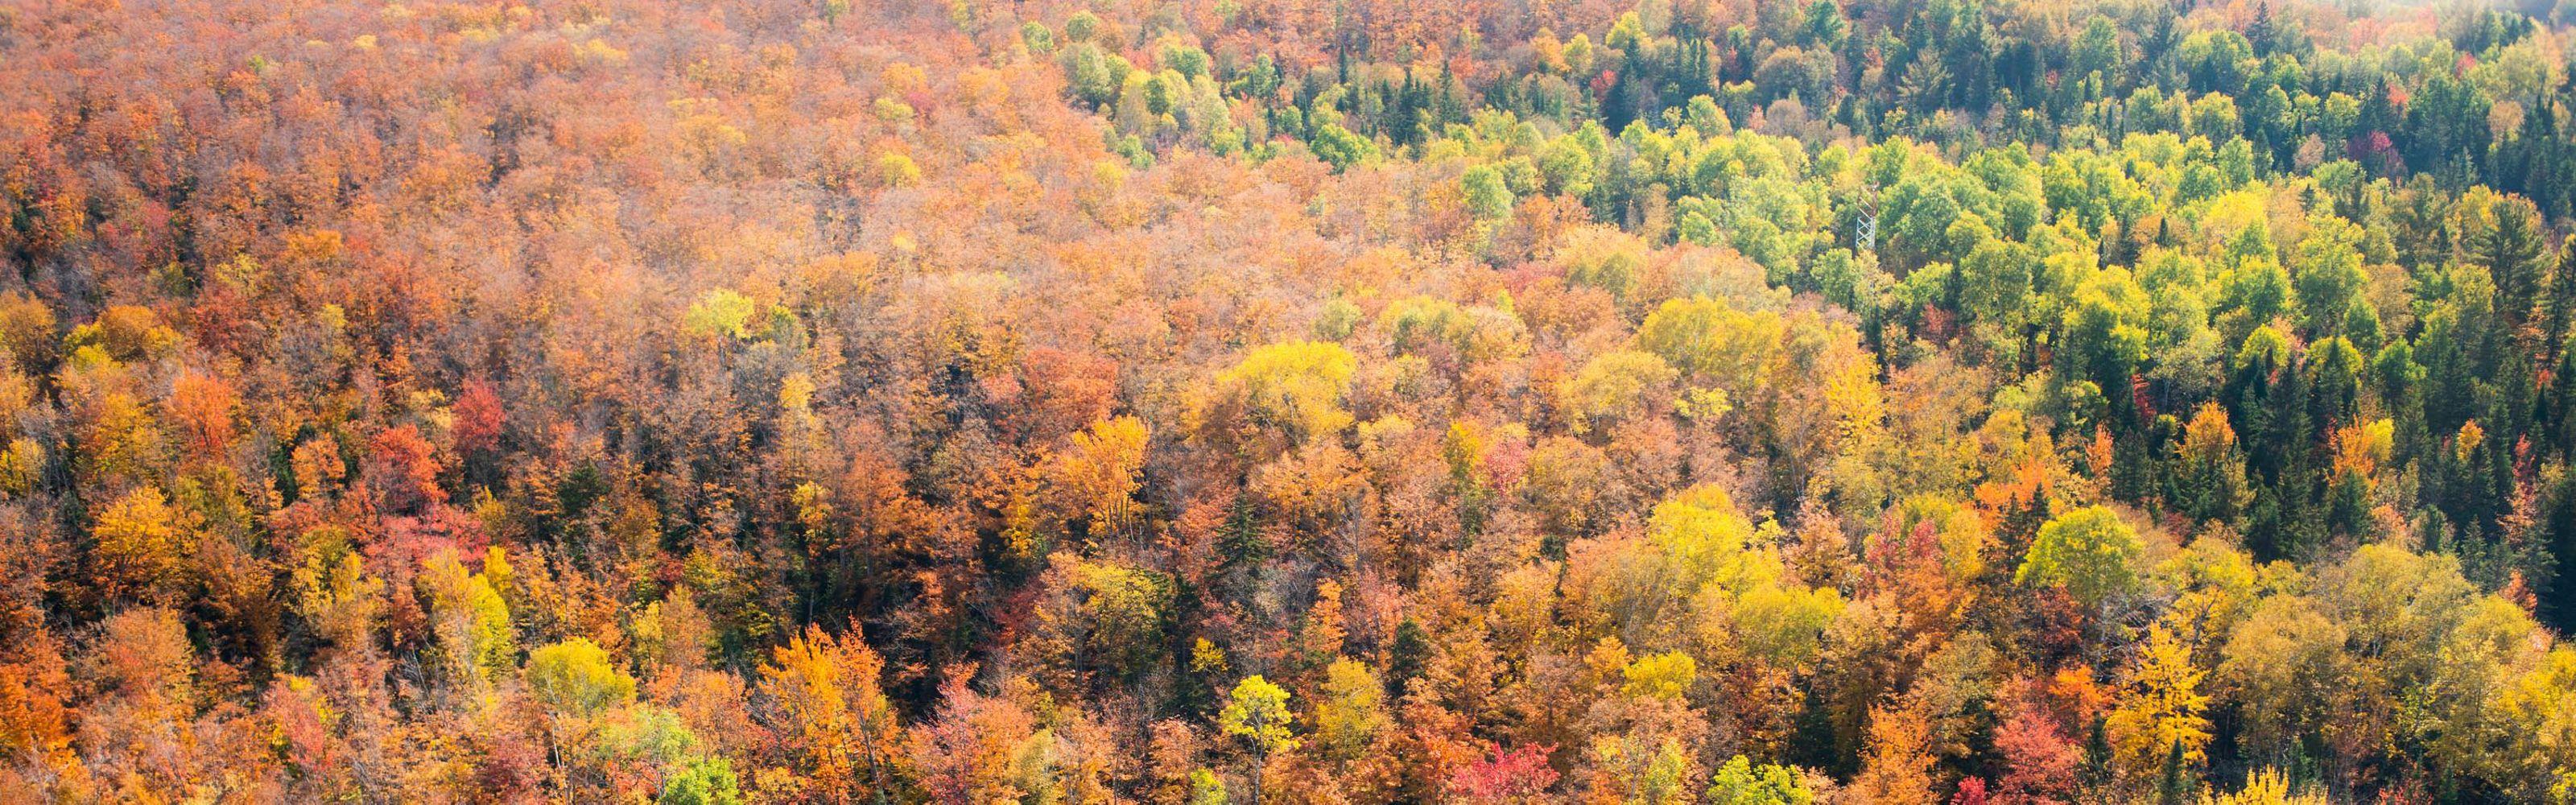 这是世界上现存最大的完整森林之一,温带混合森林支持针叶树和阔叶树的结合。